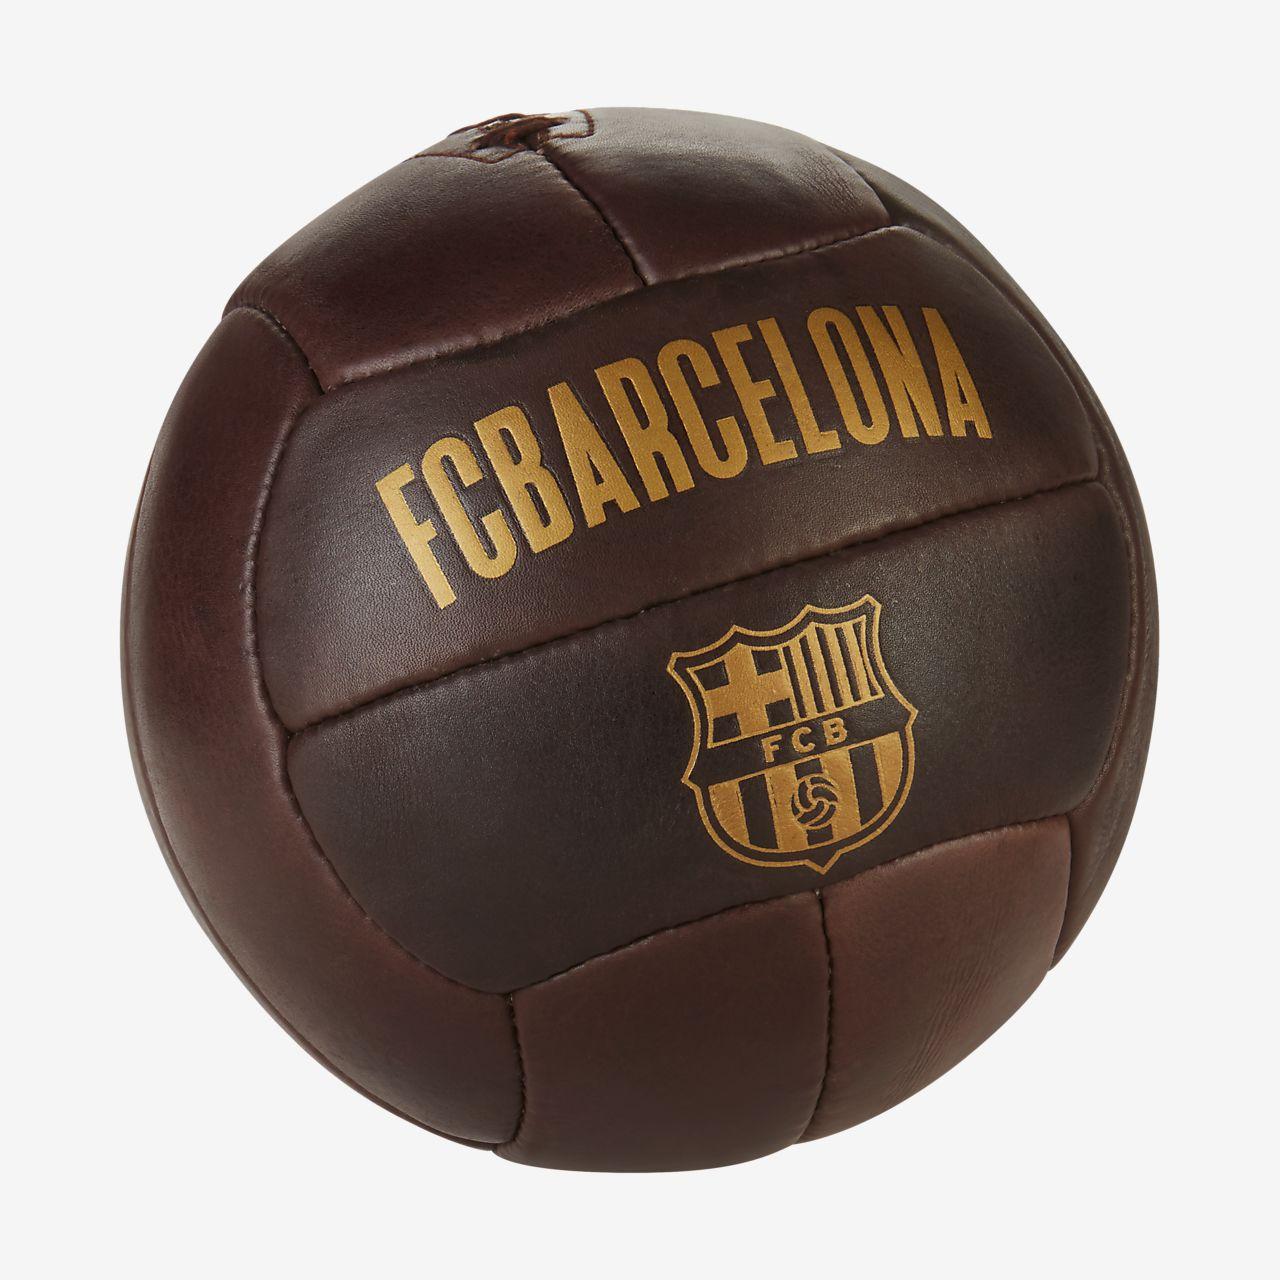 Ballon de football FC Barcelona Historic 1899. Nike.com FR dd9af707a13